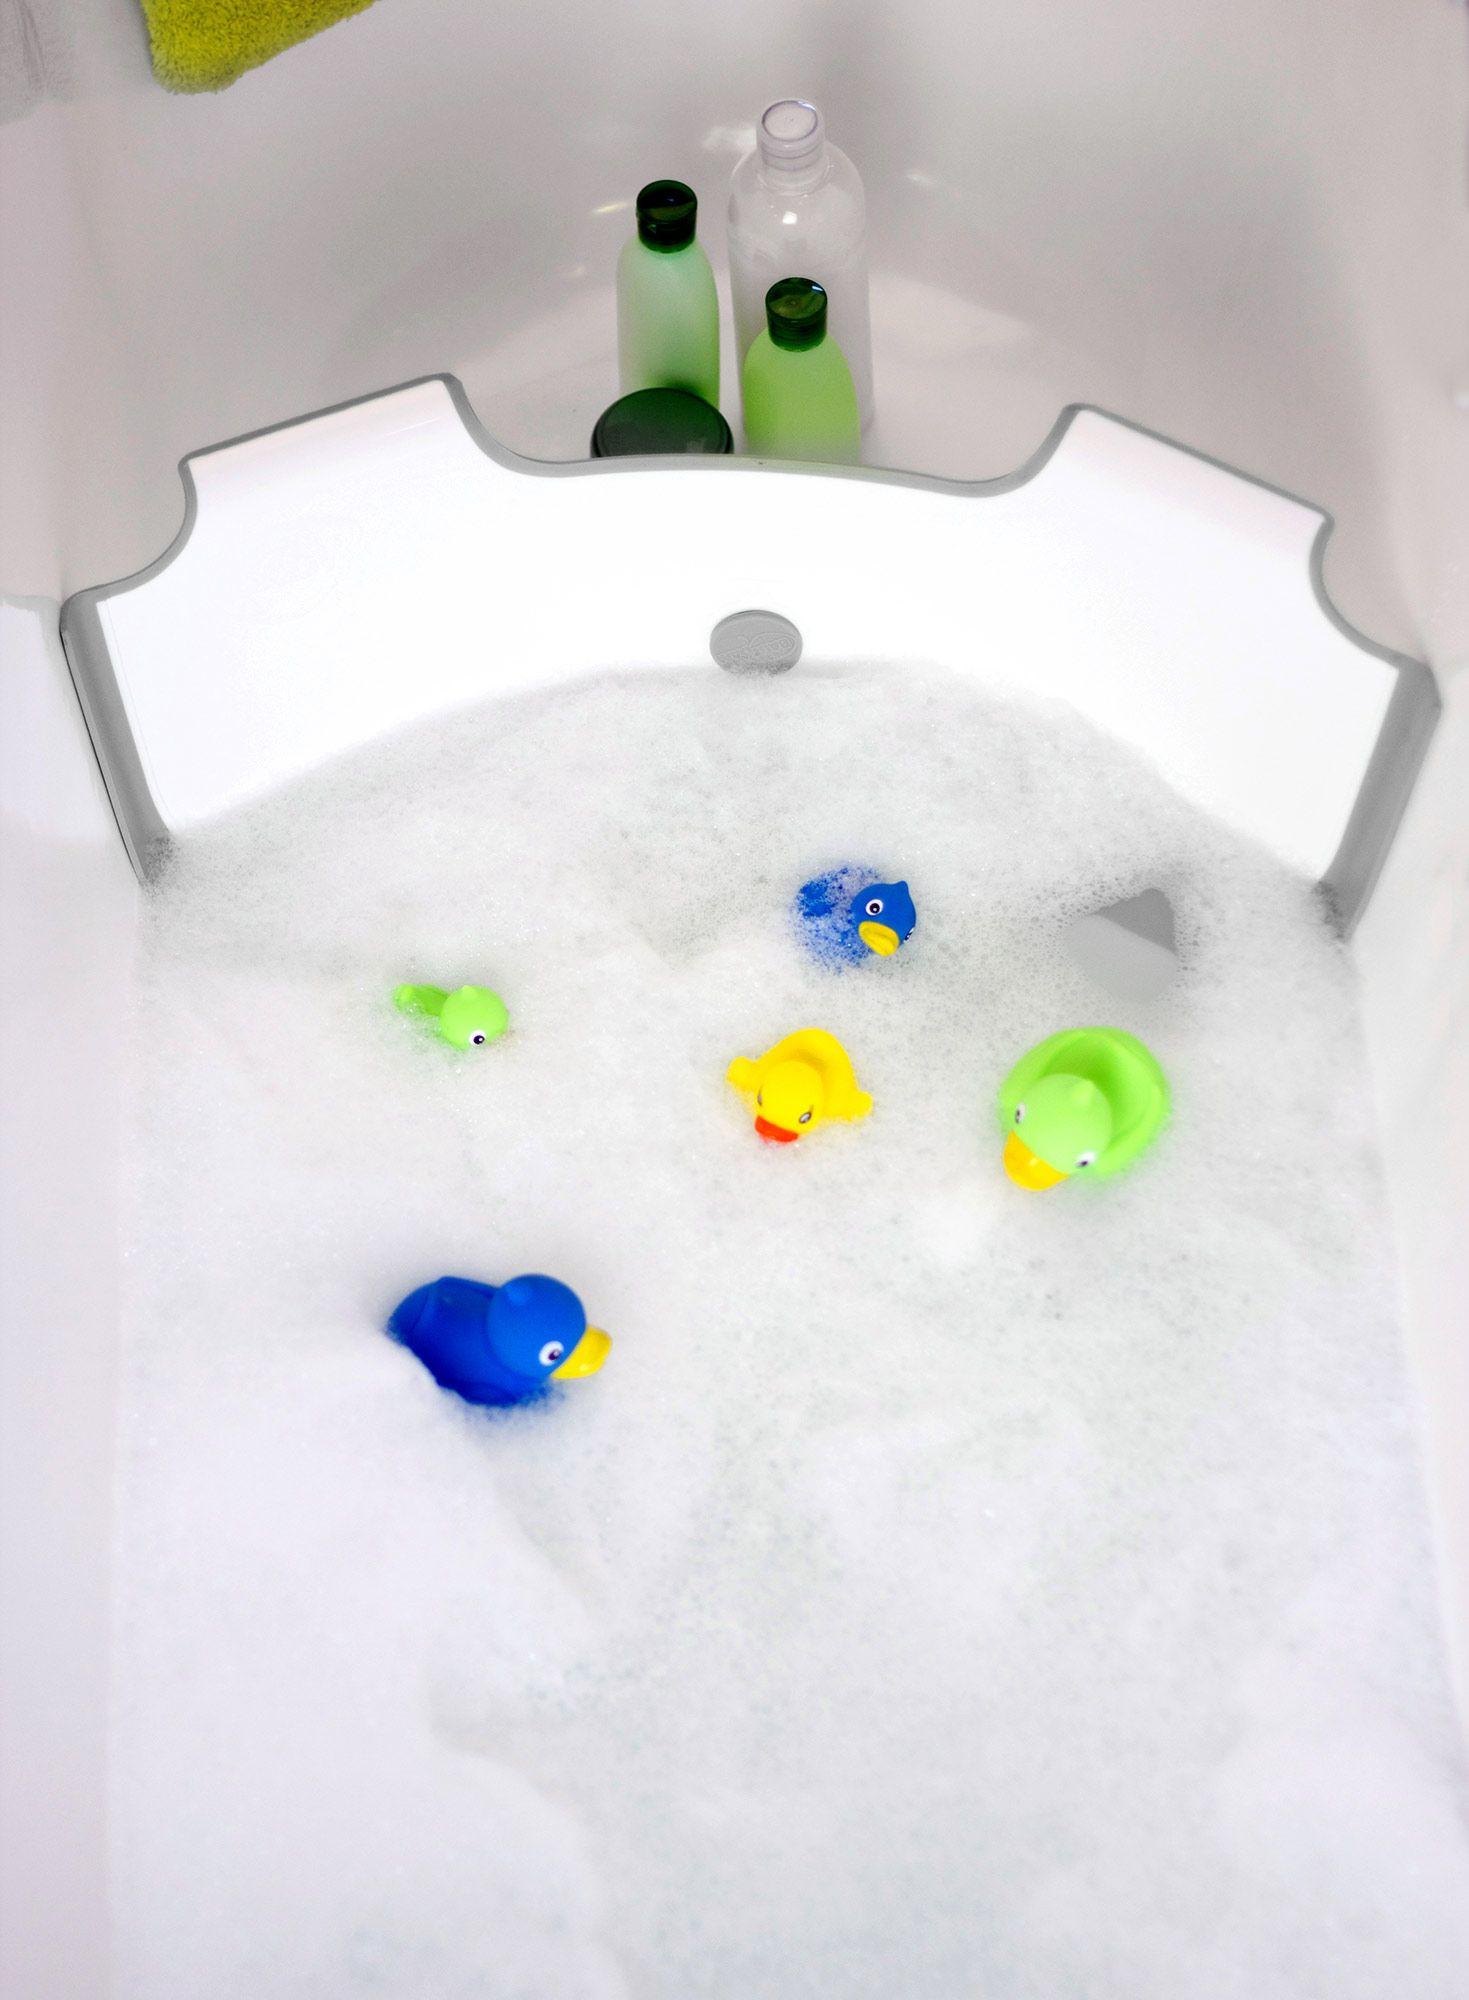 Accessoire Salle De Bain Bebe ~ r ducteur de baignoire 2 babydam avis